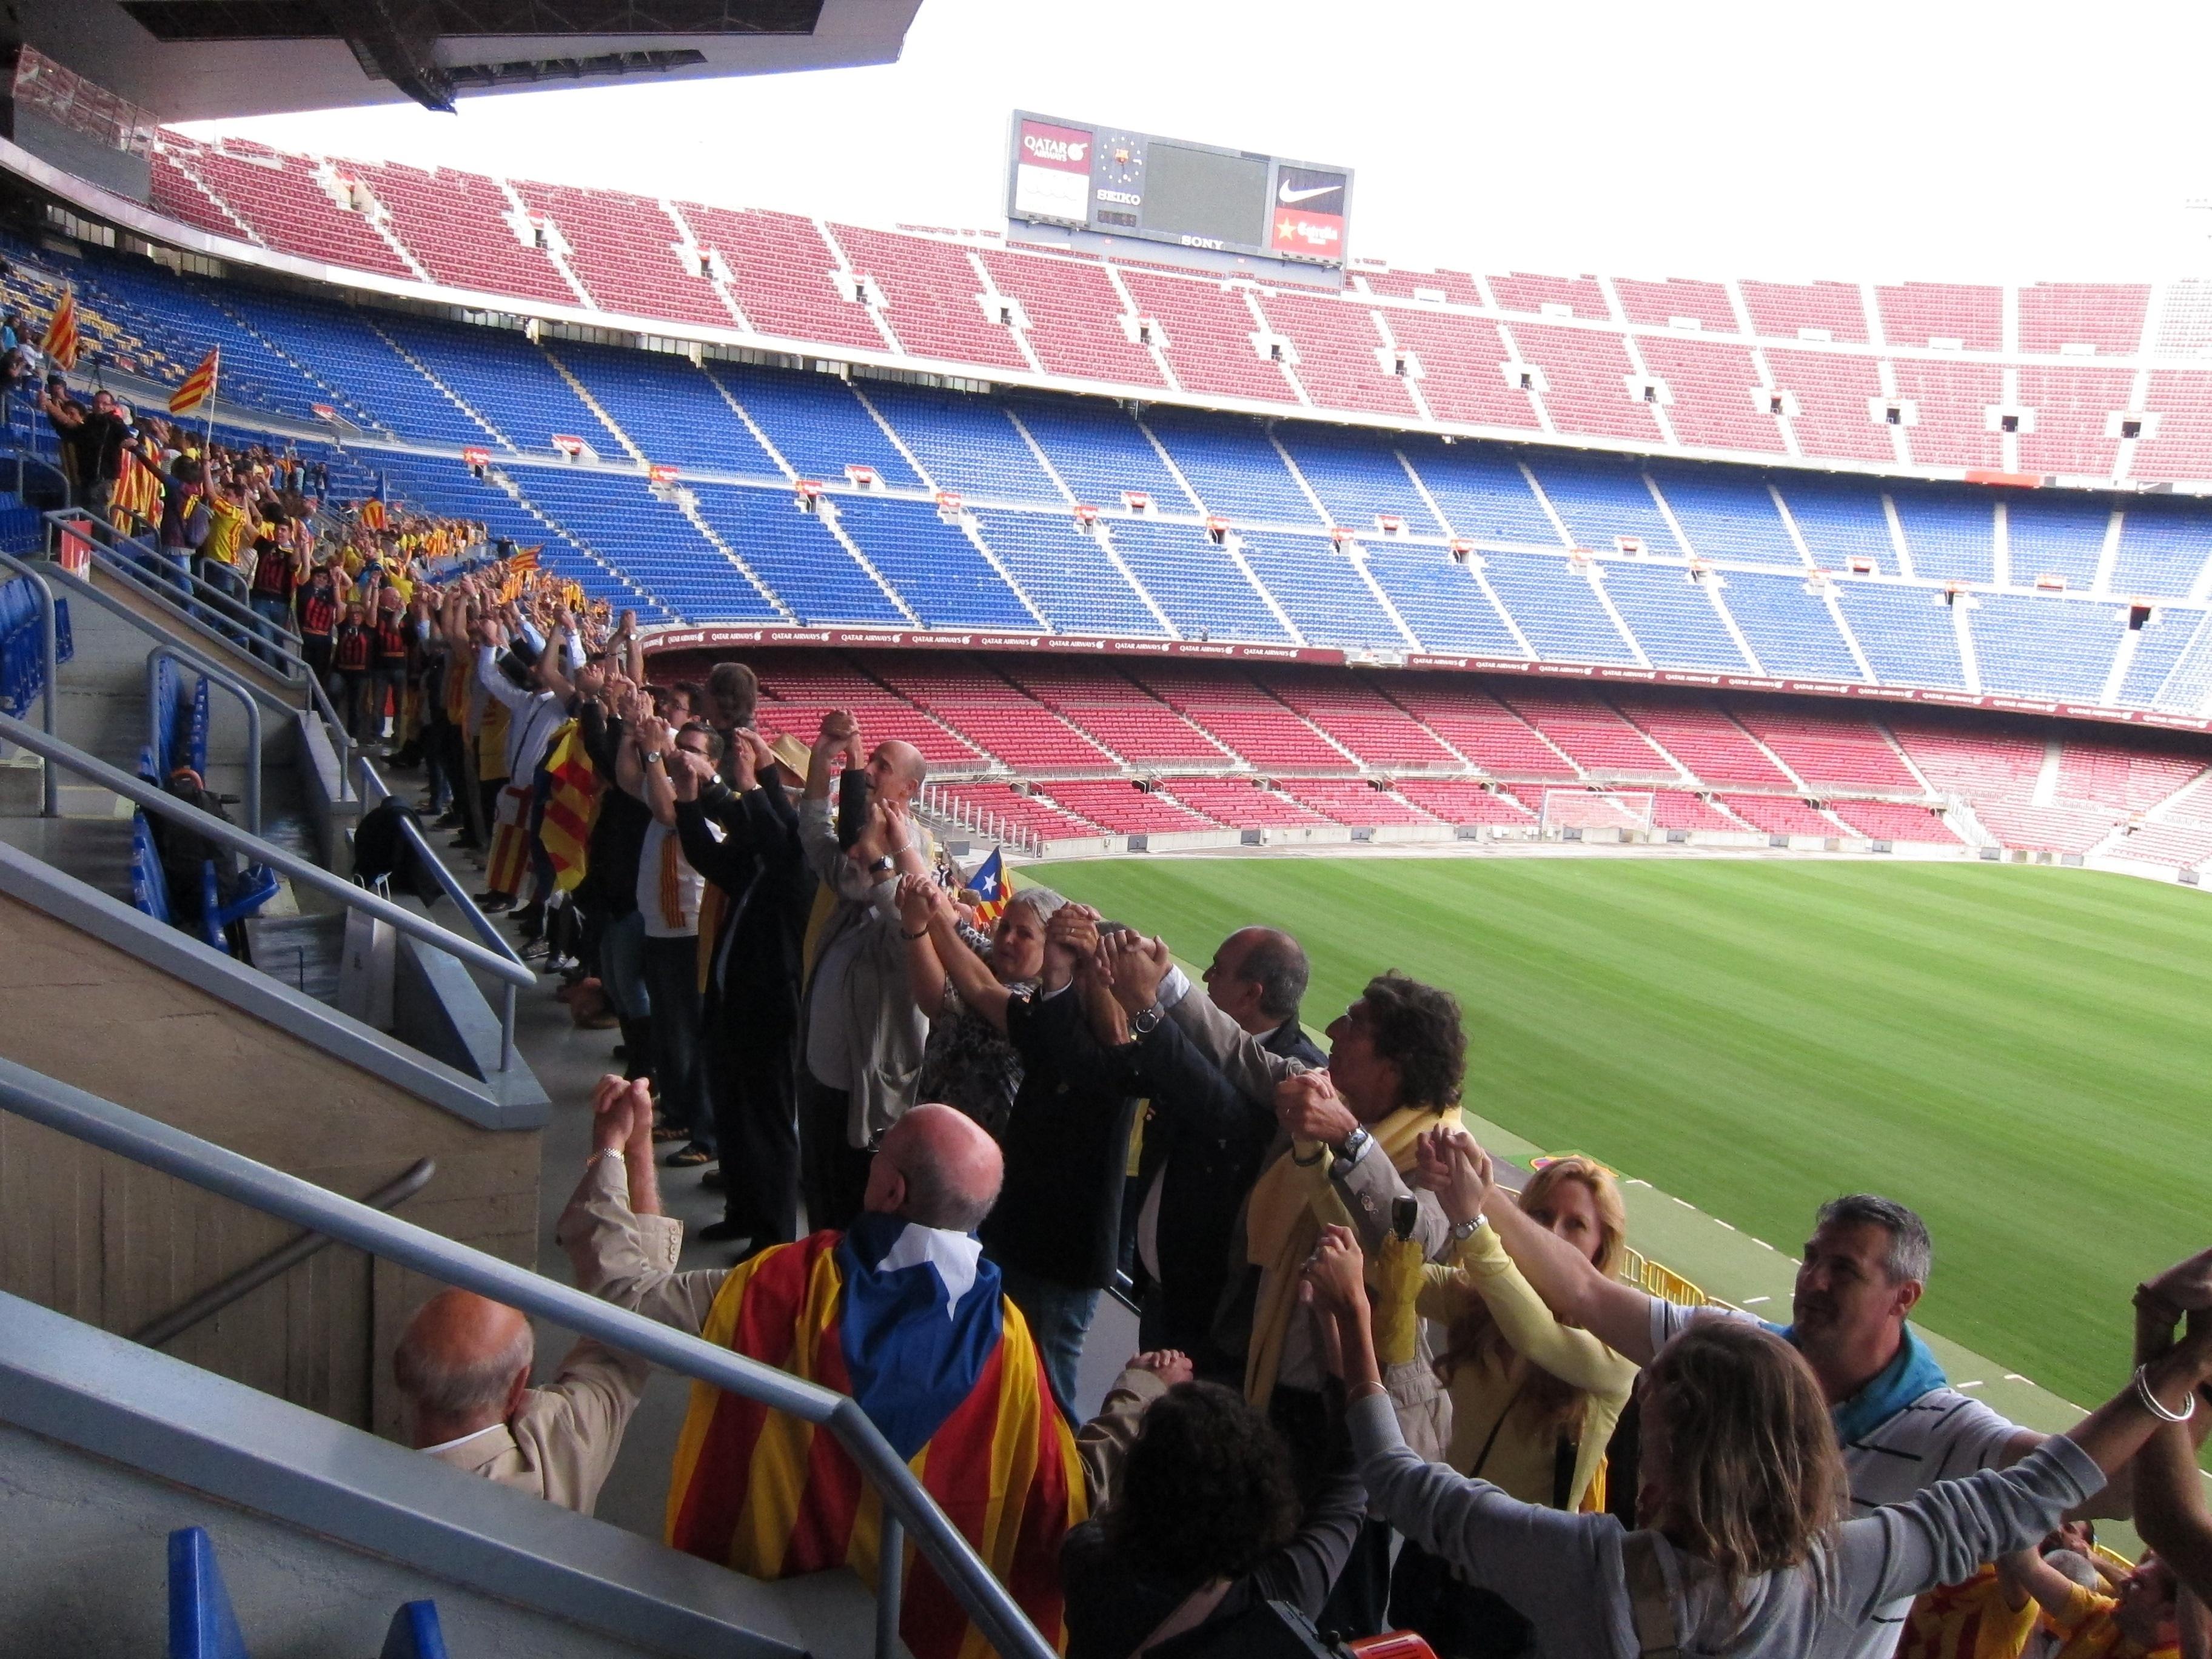 El Barça retira la entrada gratuita al Camp Nou a menores de 7 años